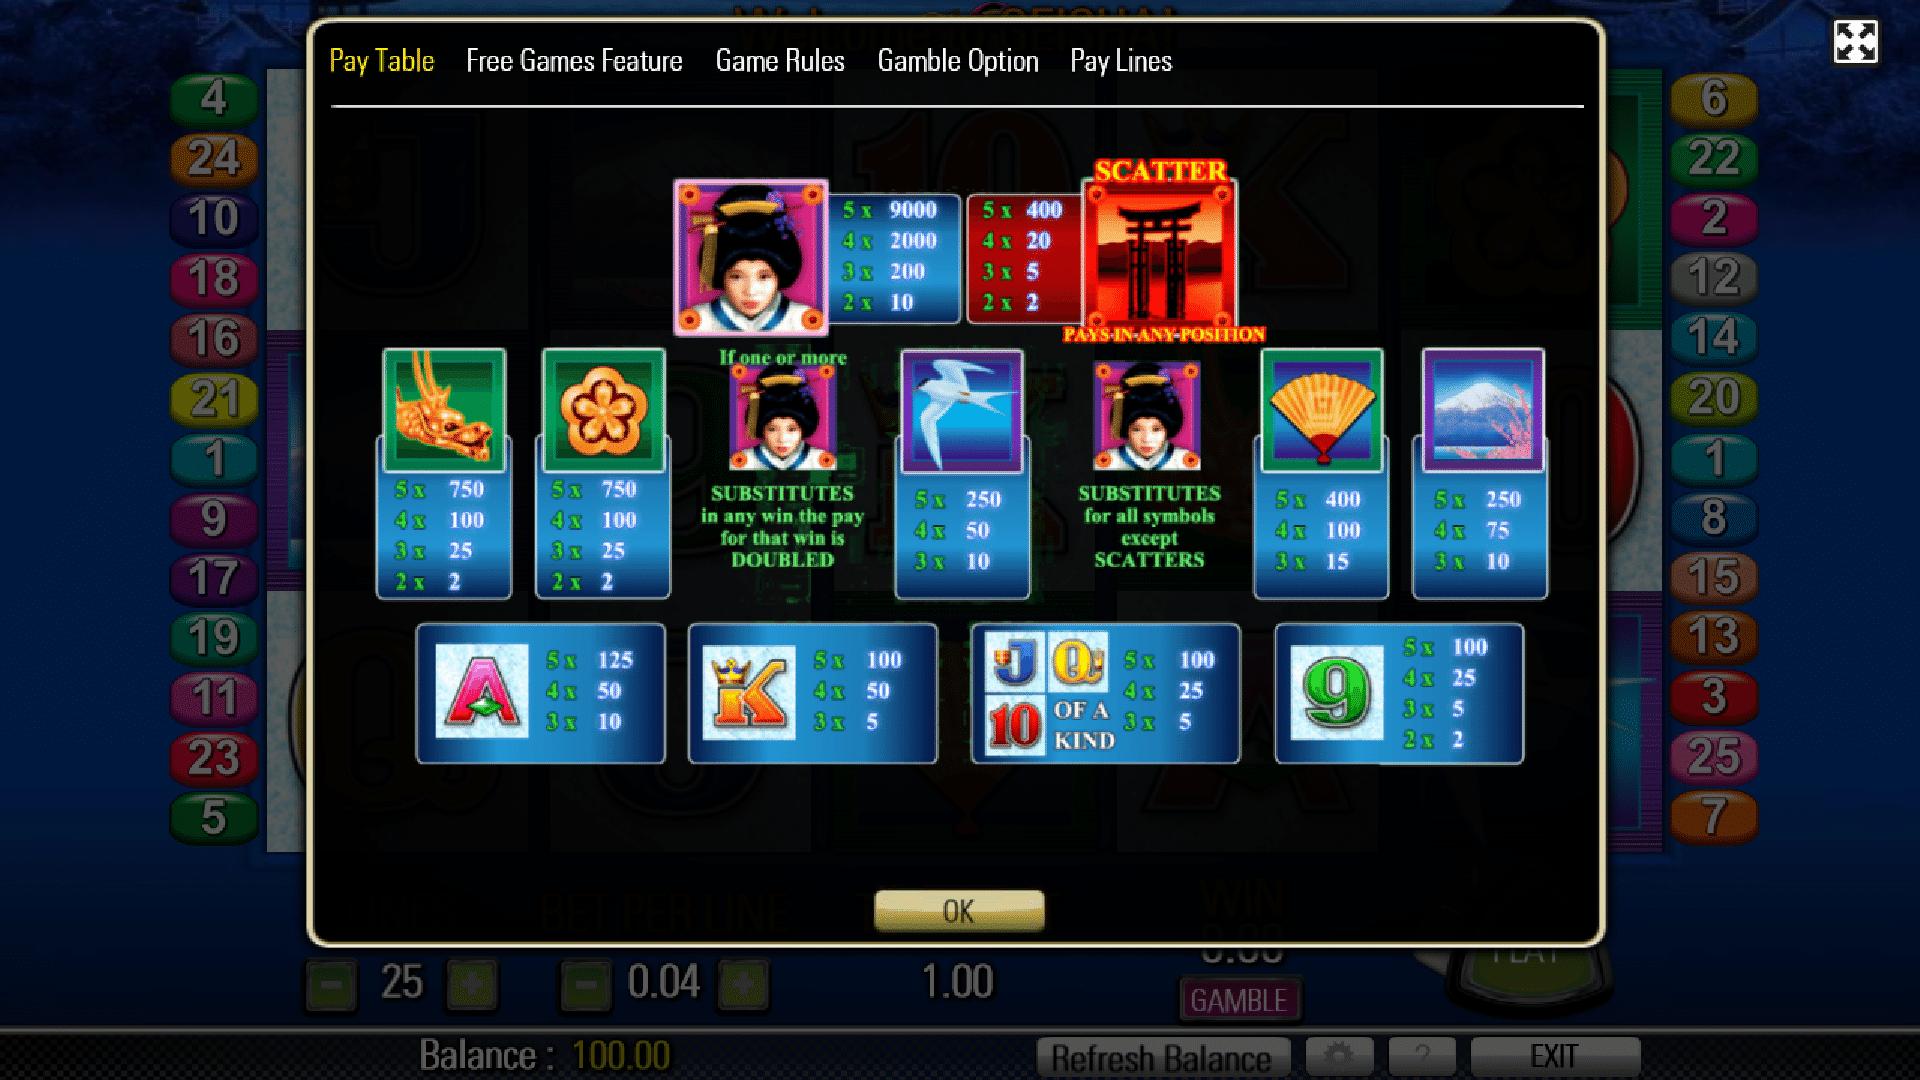 Tabella Pagamenti della Slot gratis Geisha